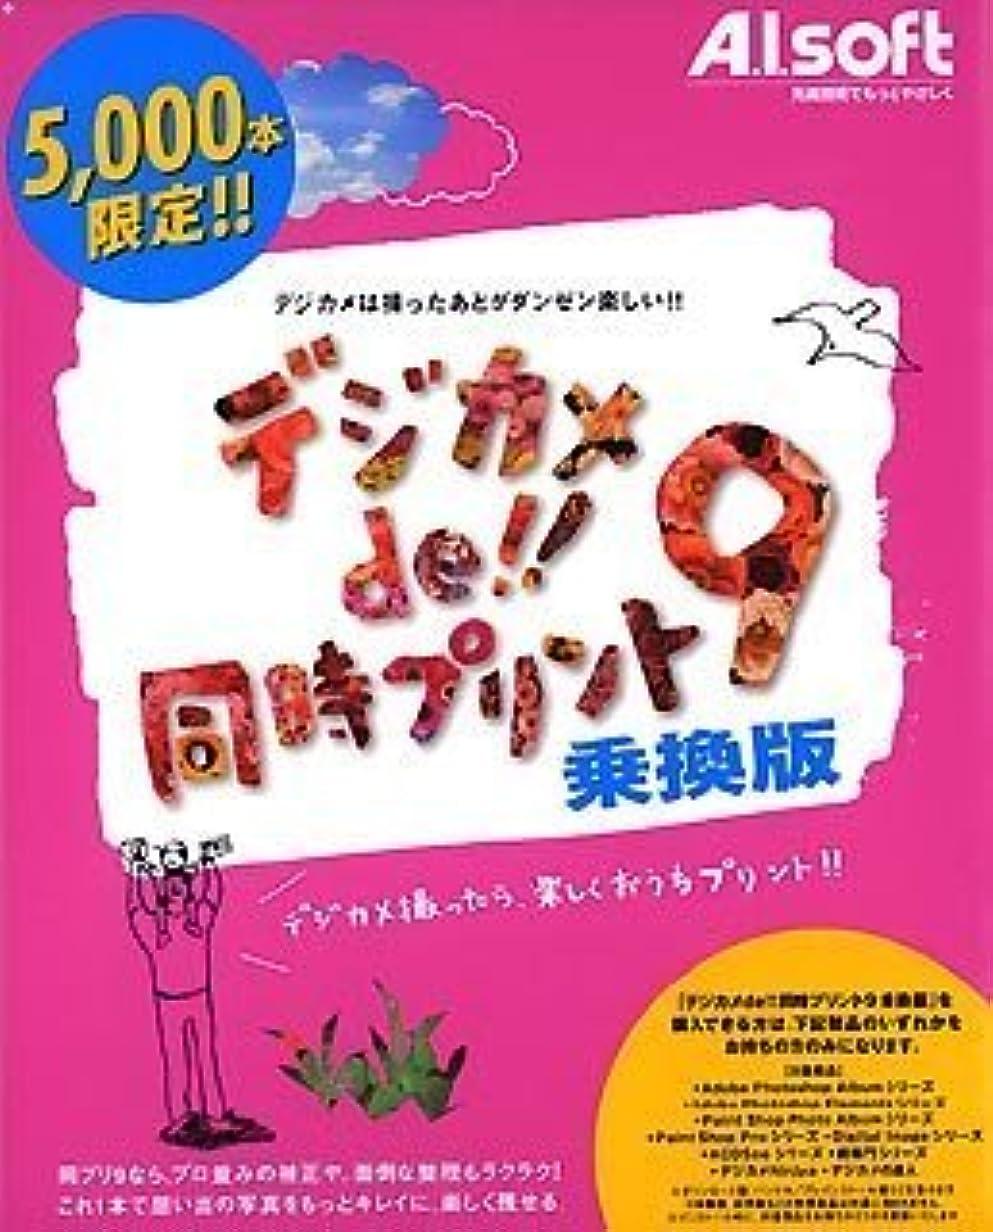 かすかなロータリーデータデジカメde!! 同時プリント 9 乗換版 (限定5000本)